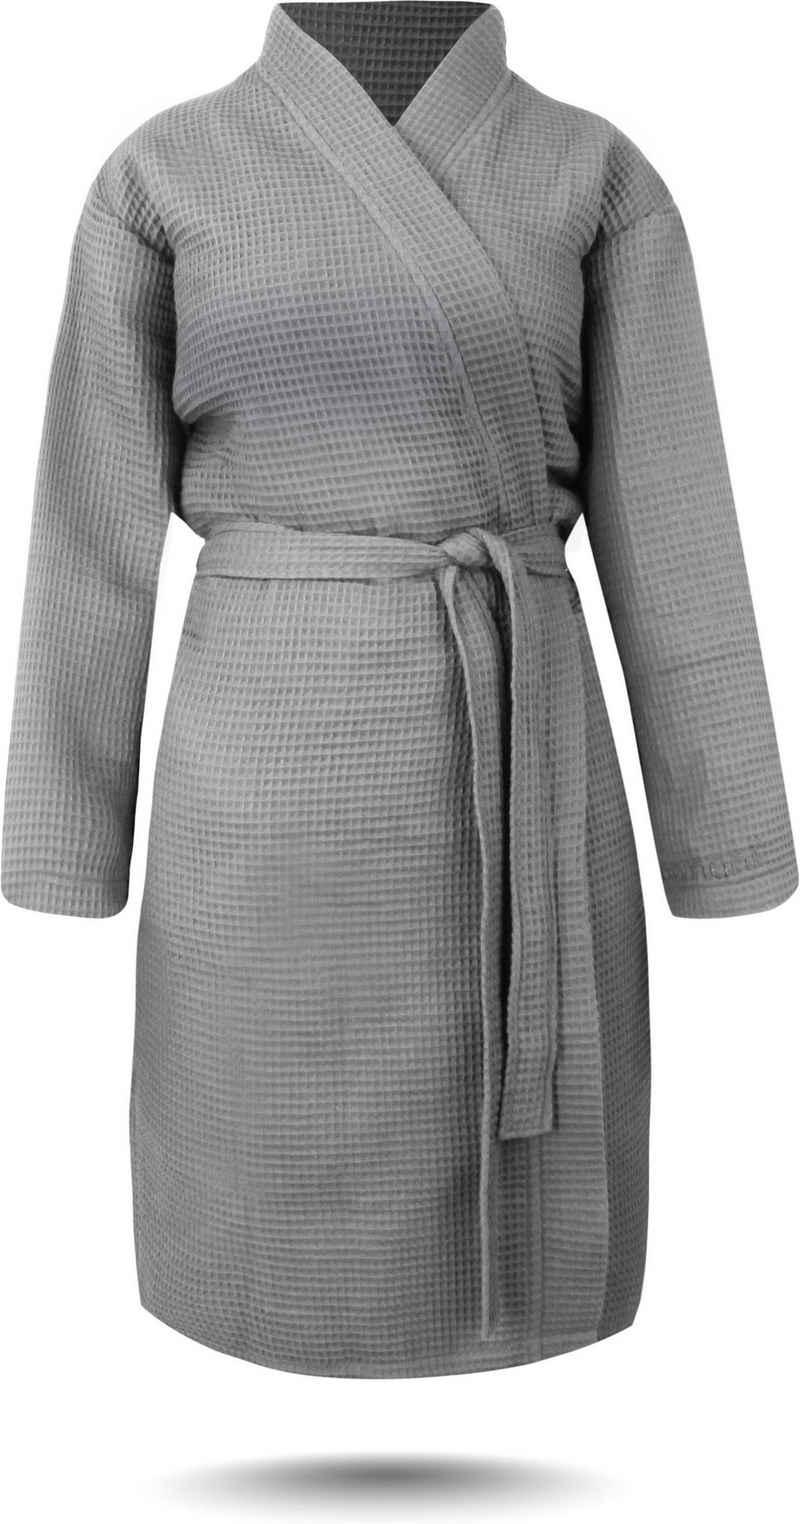 Damenbademantel »Damen Bademantel mit Waffel-Piqué Kelin«, normani, Bademantel aus weicher Baumwolle